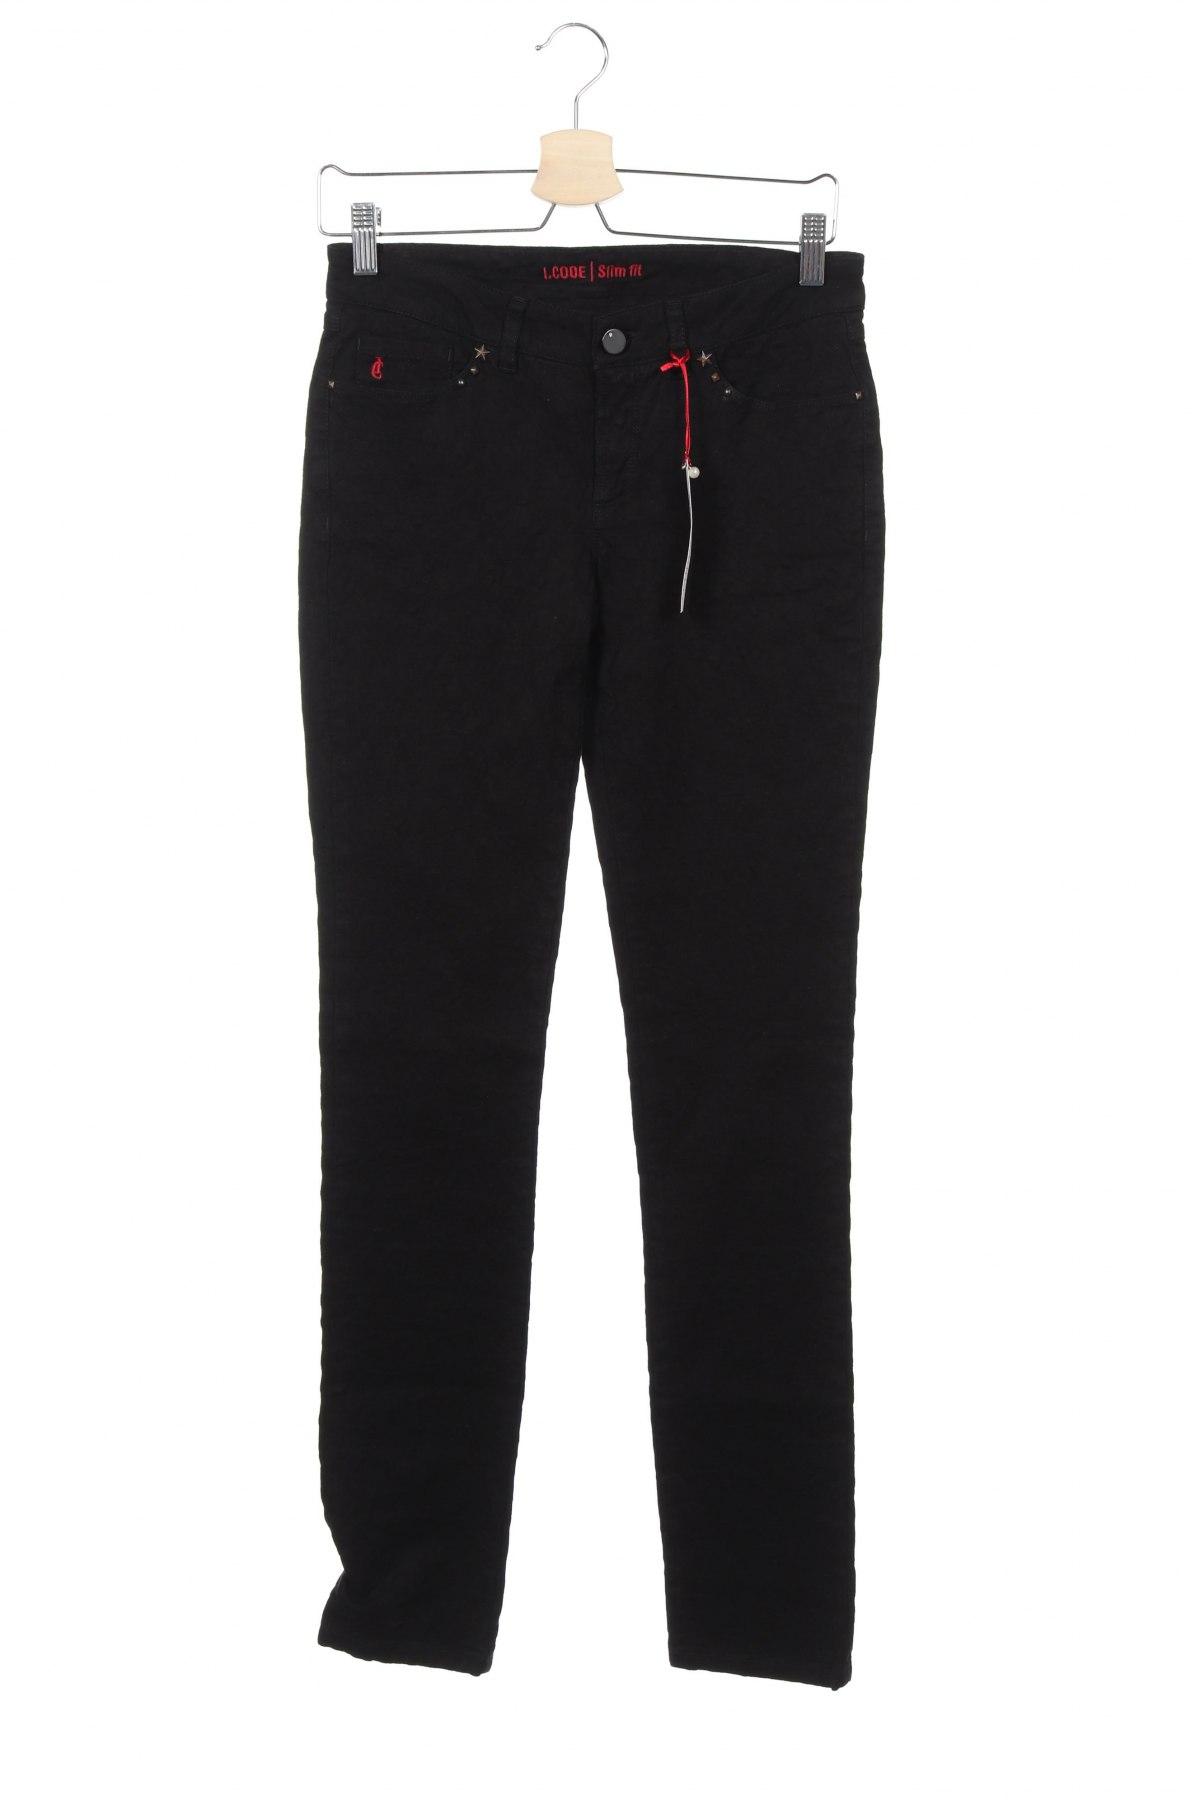 Дамски дънки I Code, Размер XS, Цвят Черен, 98% памук, 2% еластан, Цена 46,50лв.